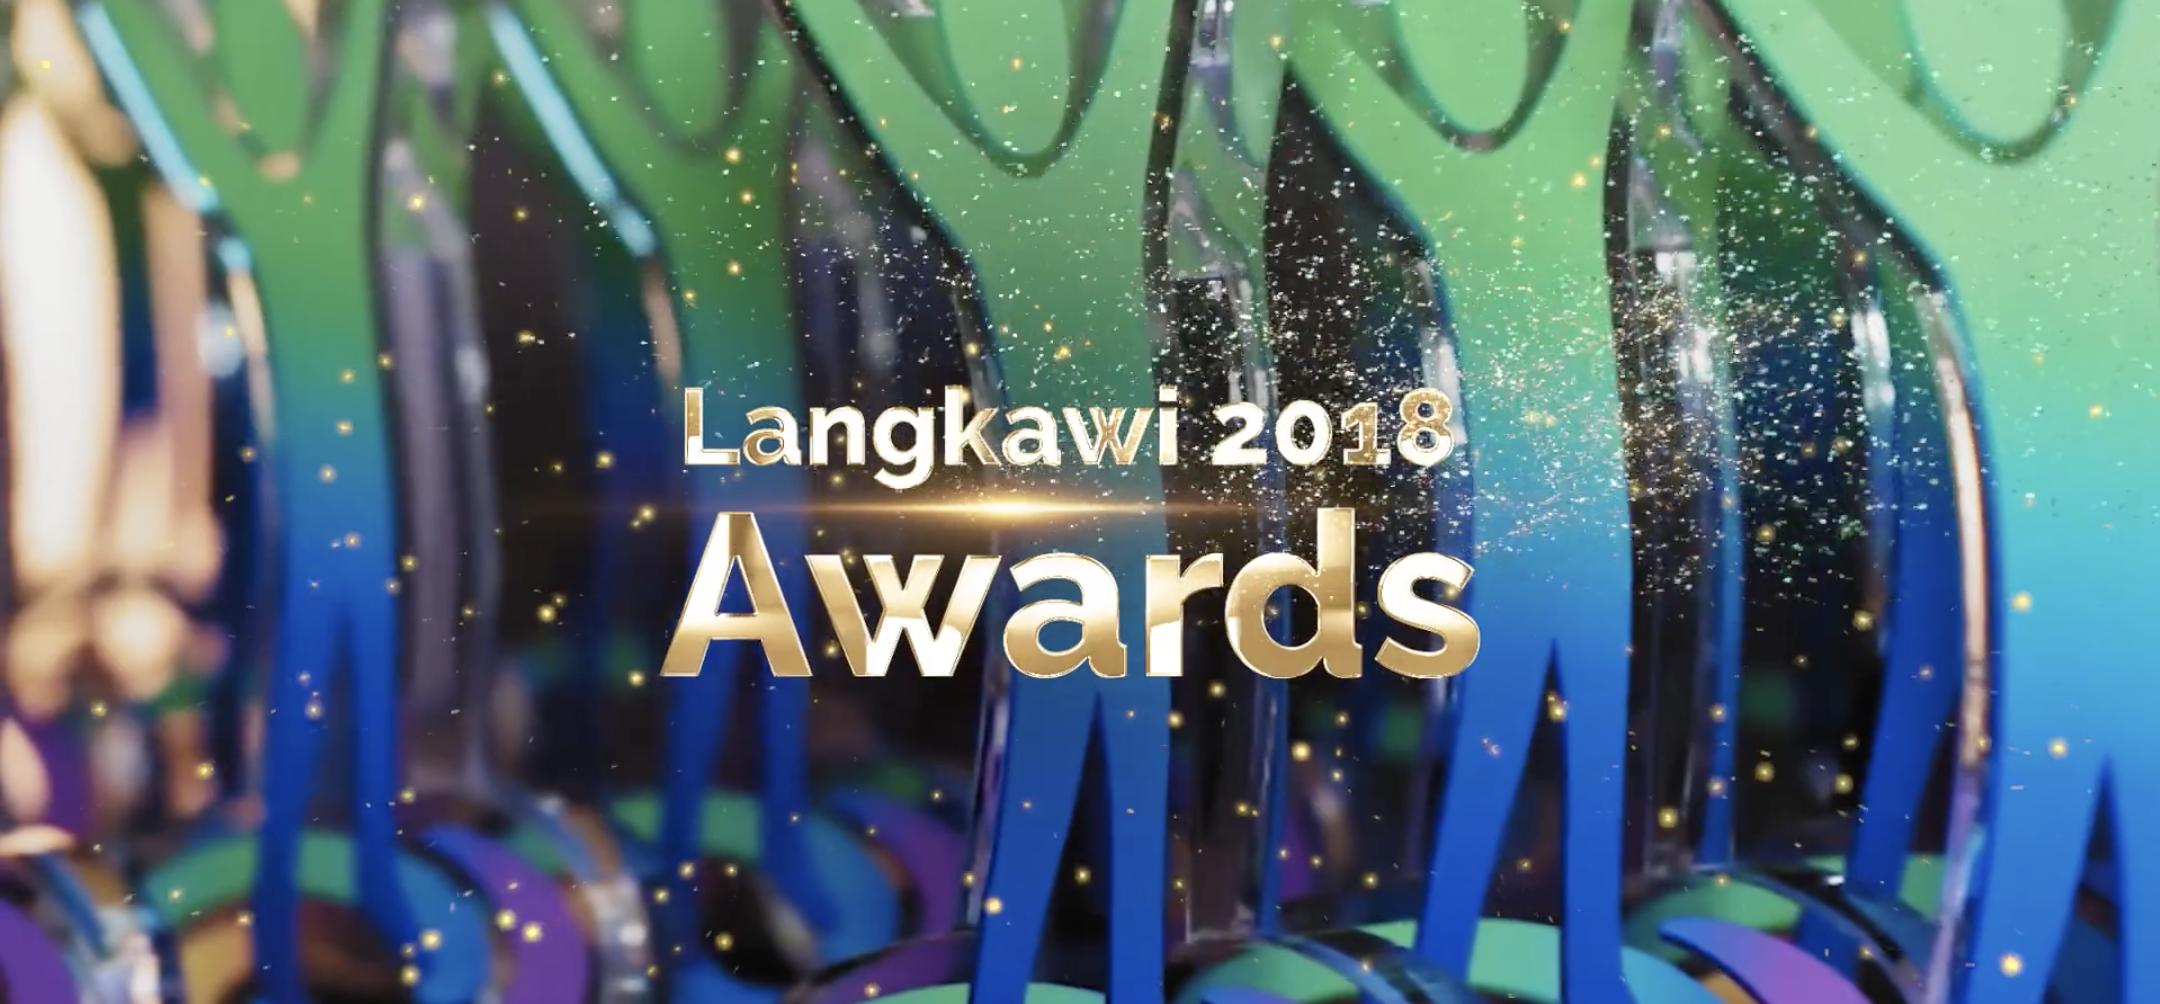 Langkawi Award Winners